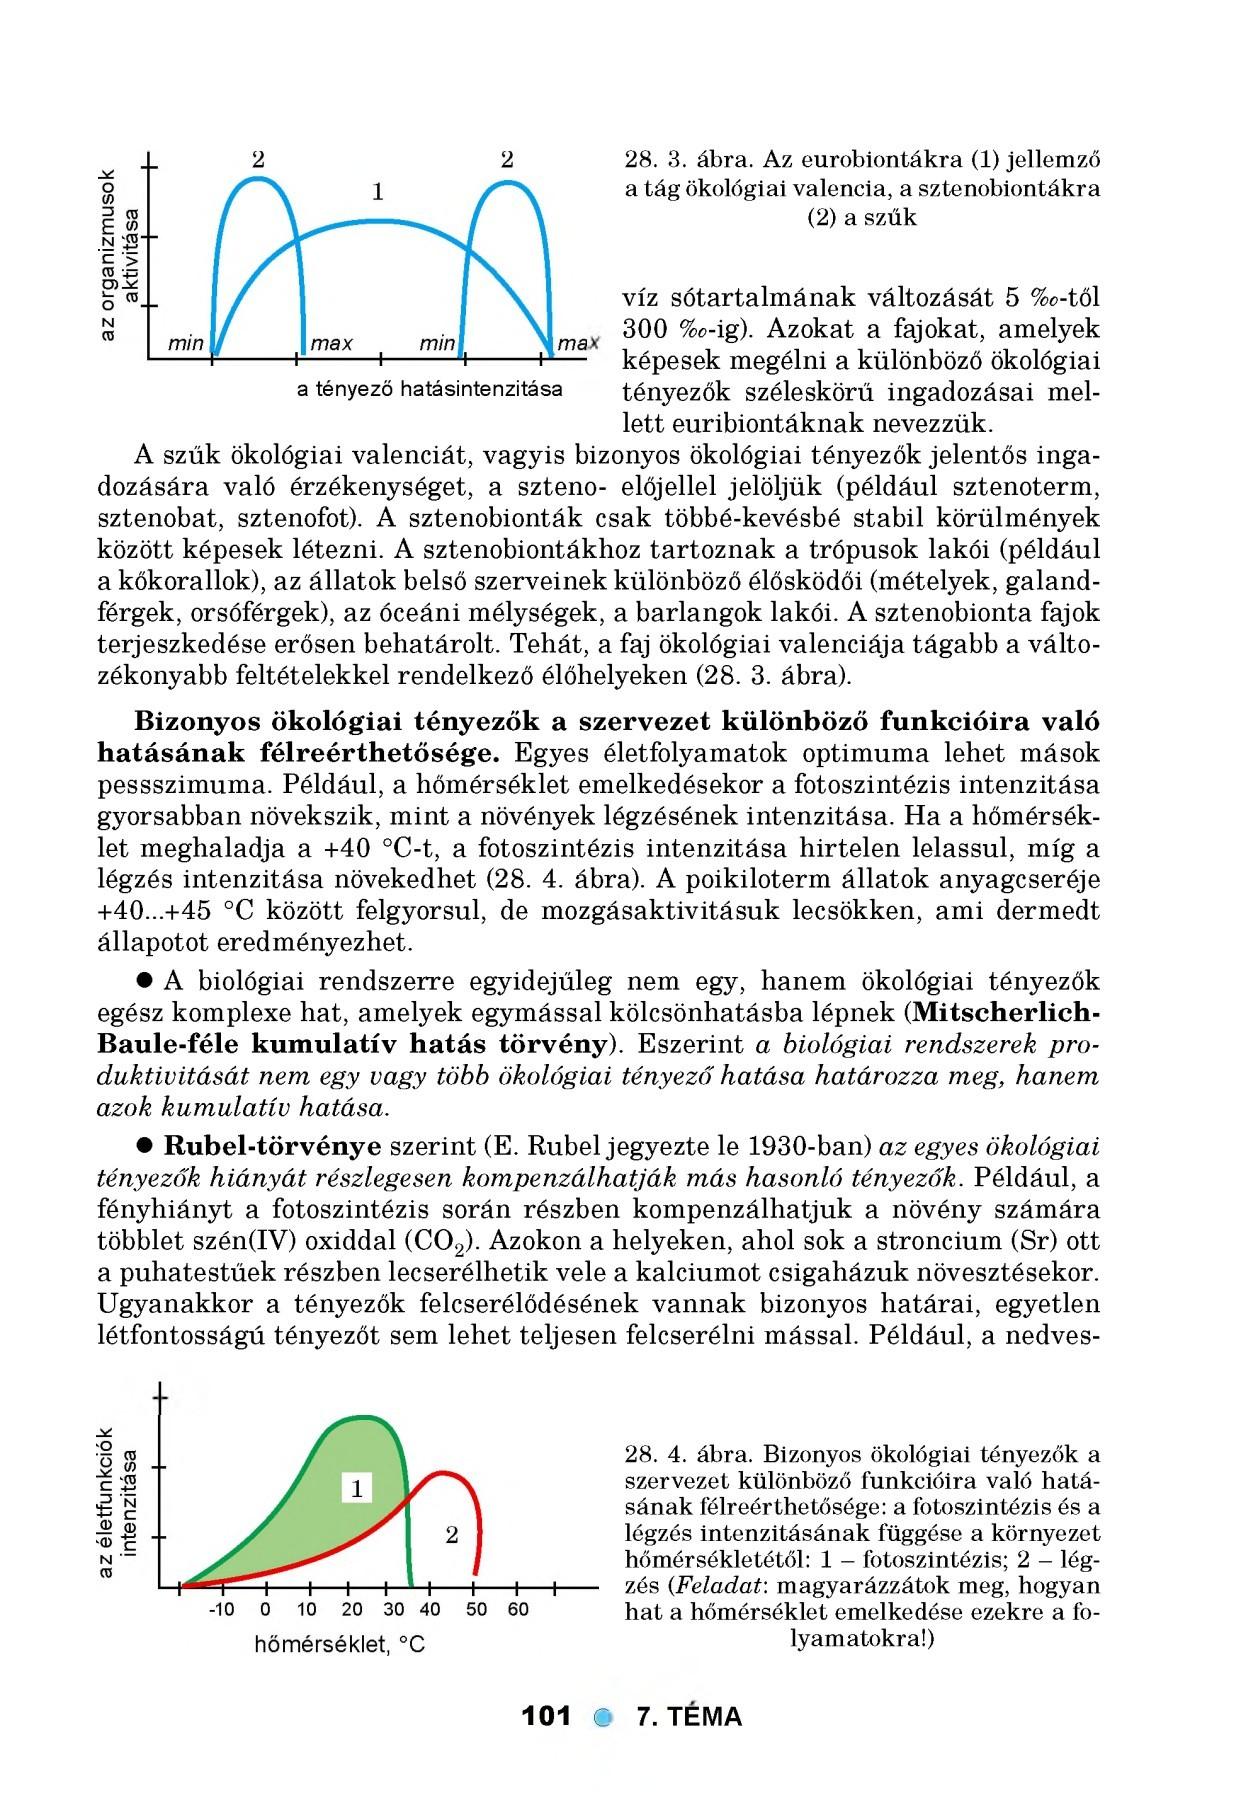 parazitaölő szerek parazitaellenes és gombaellenes gyógyszerek